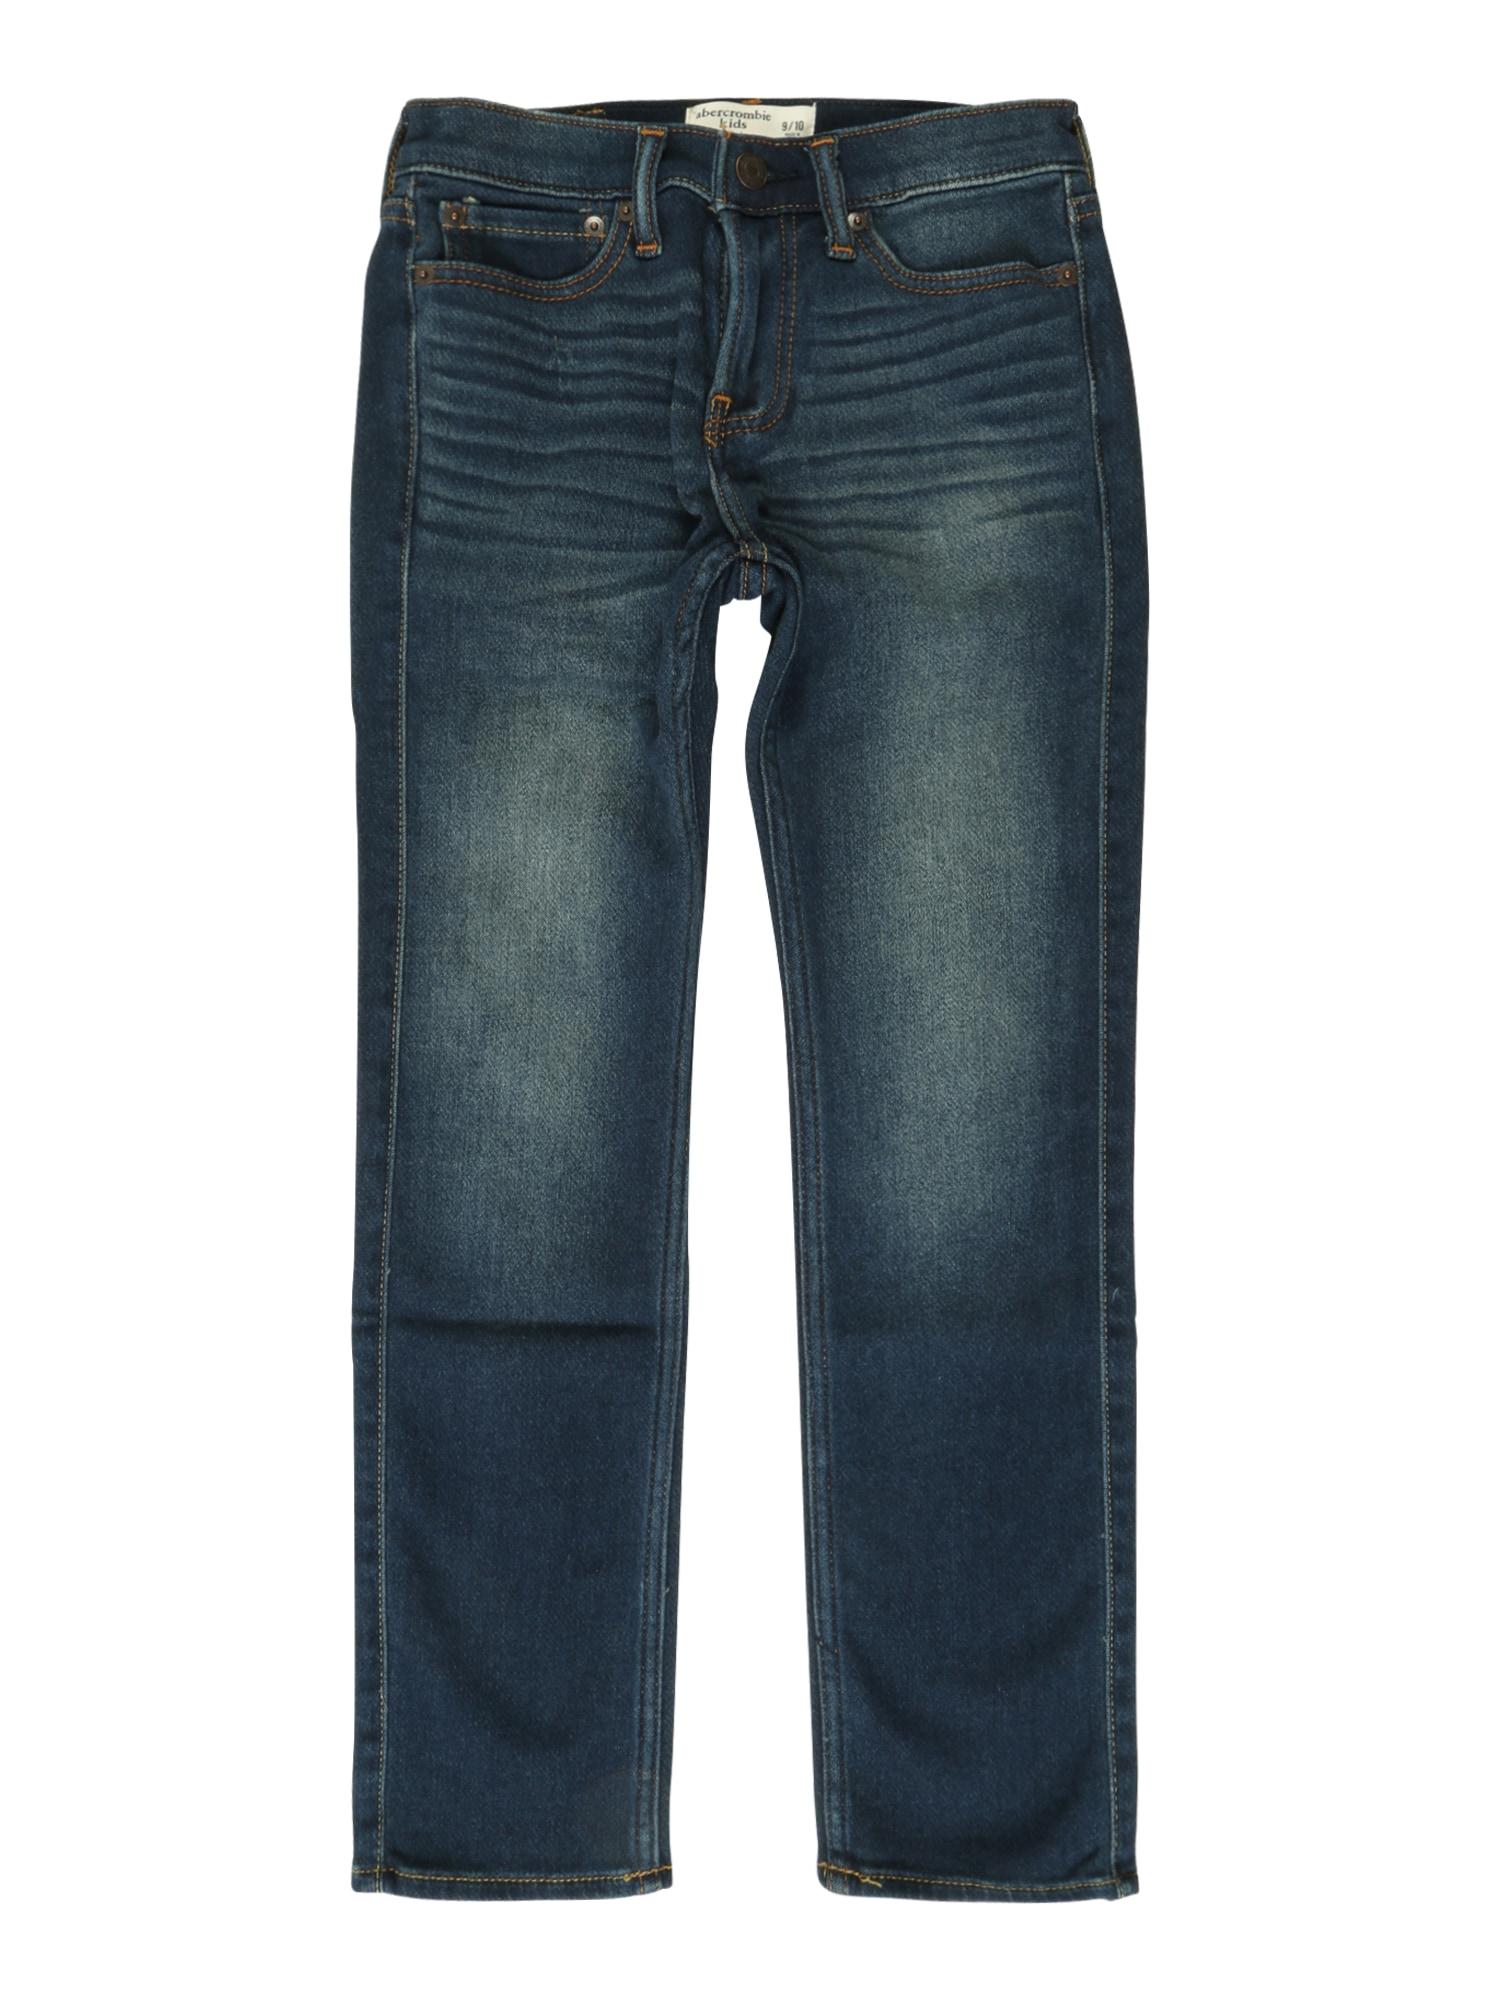 Džíny KI231-6503 námořnická modř Abercrombie & Fitch